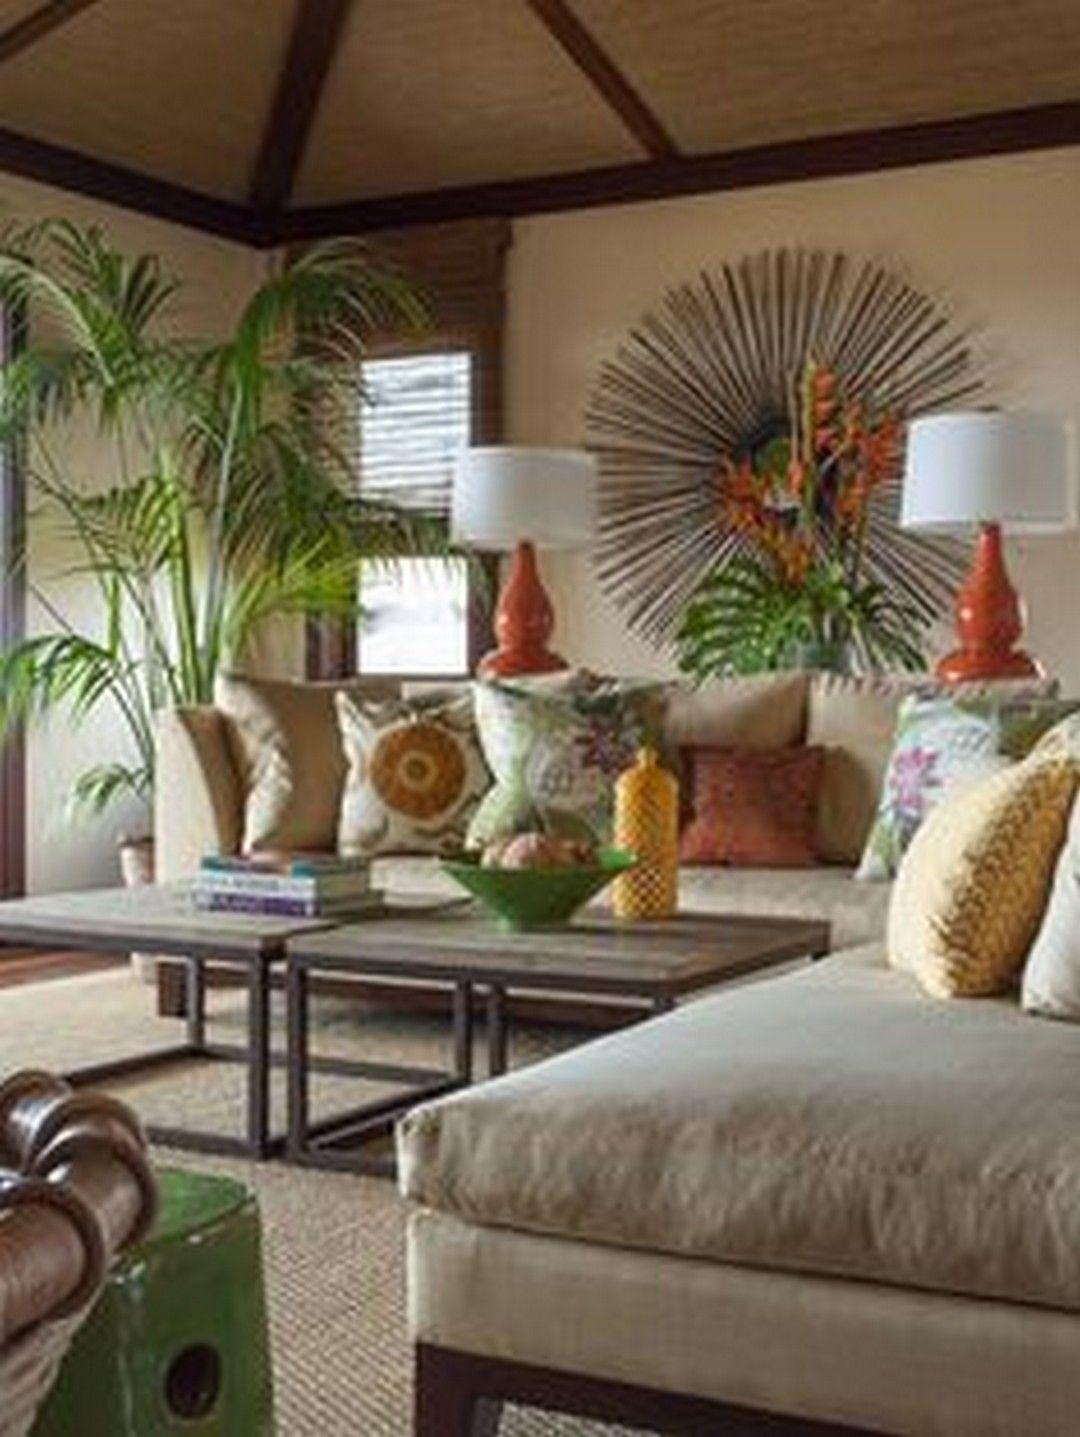 7 Ways of Maximizing House with These Hawaiian Home Decor Ideas